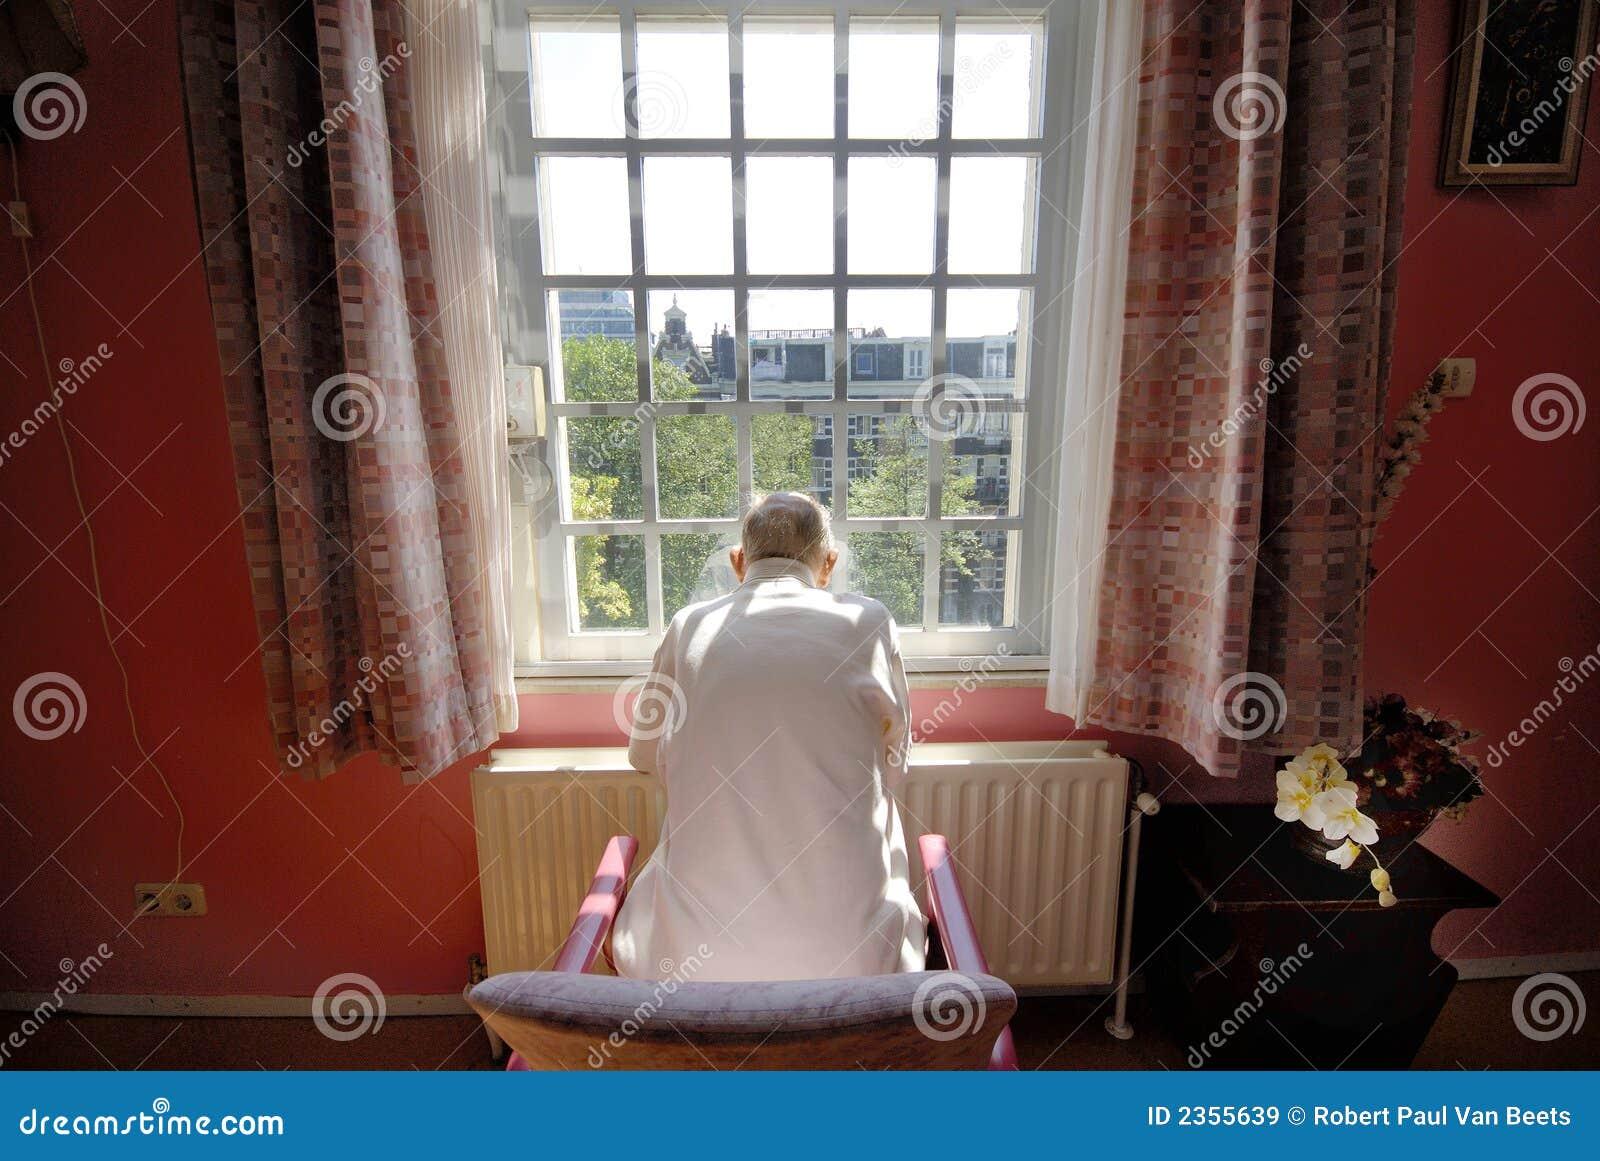 Homem idoso no lar de idosos